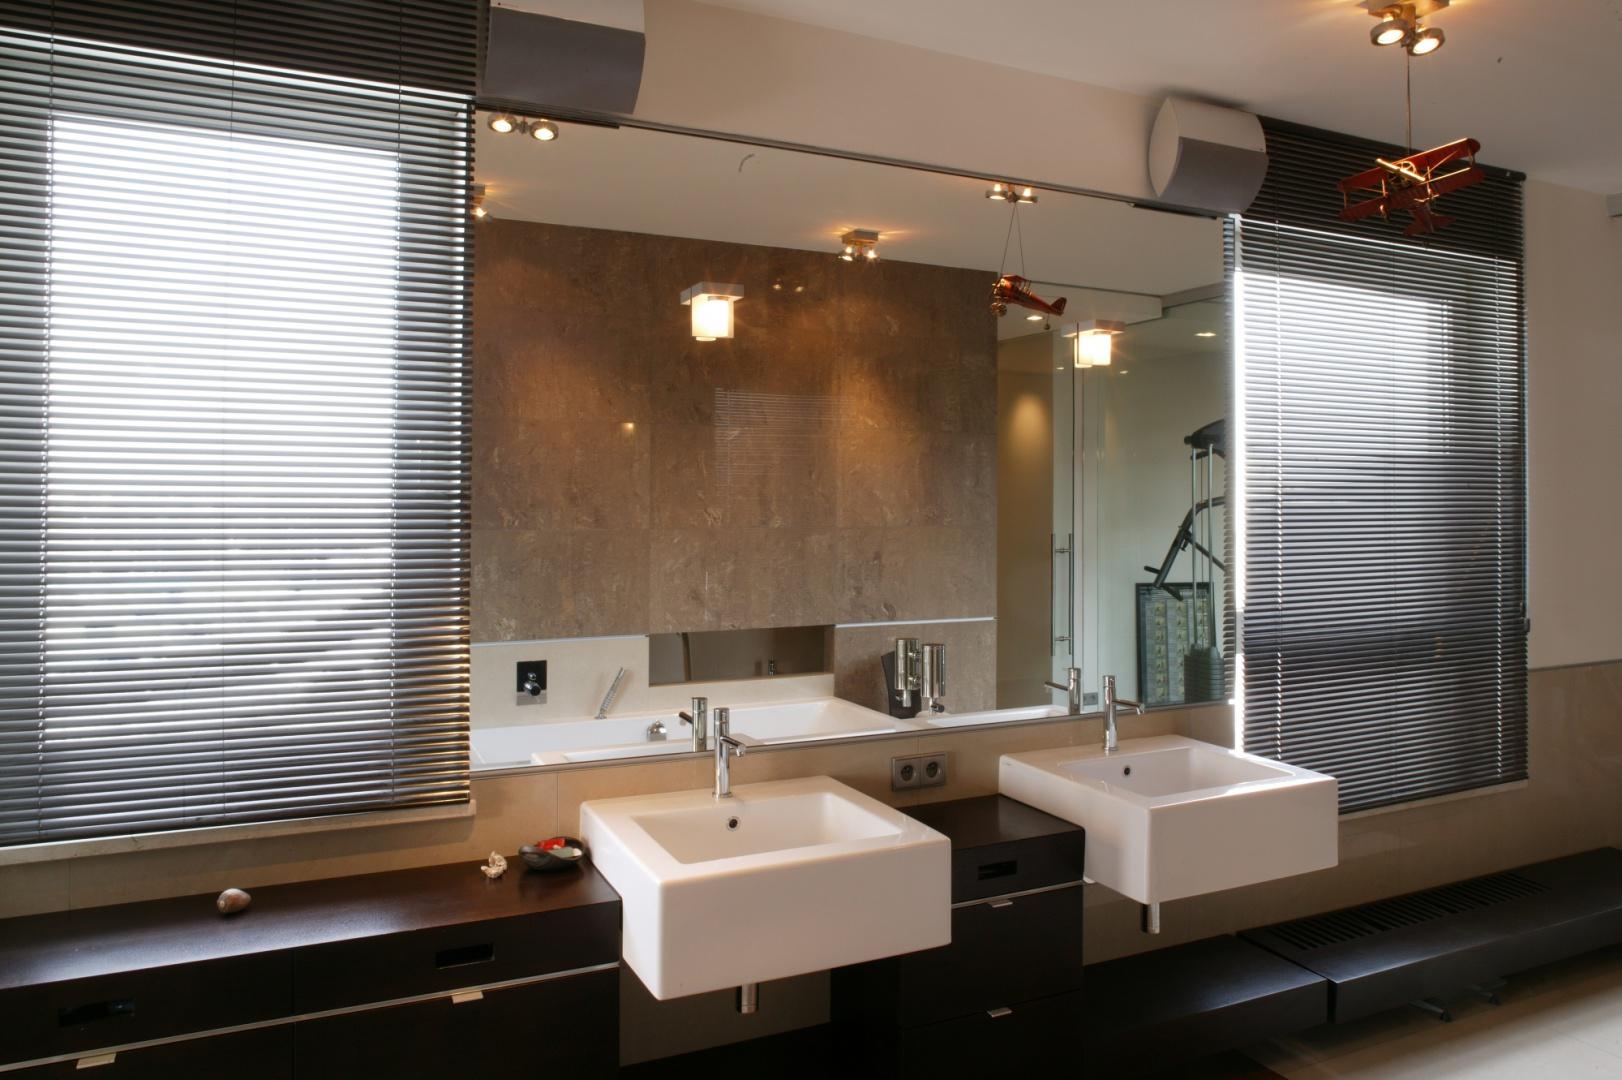 Łazienka przystosowana jest dla dwóch osób, które nie będą sobie wzajemnie przeszkadzać. Przy wielkim lustrze zostały zamontowane umywalki nablatowe firmy Ceramika Flaminia z bateriami Ritmonio. Fot. Tomasz Markowski.